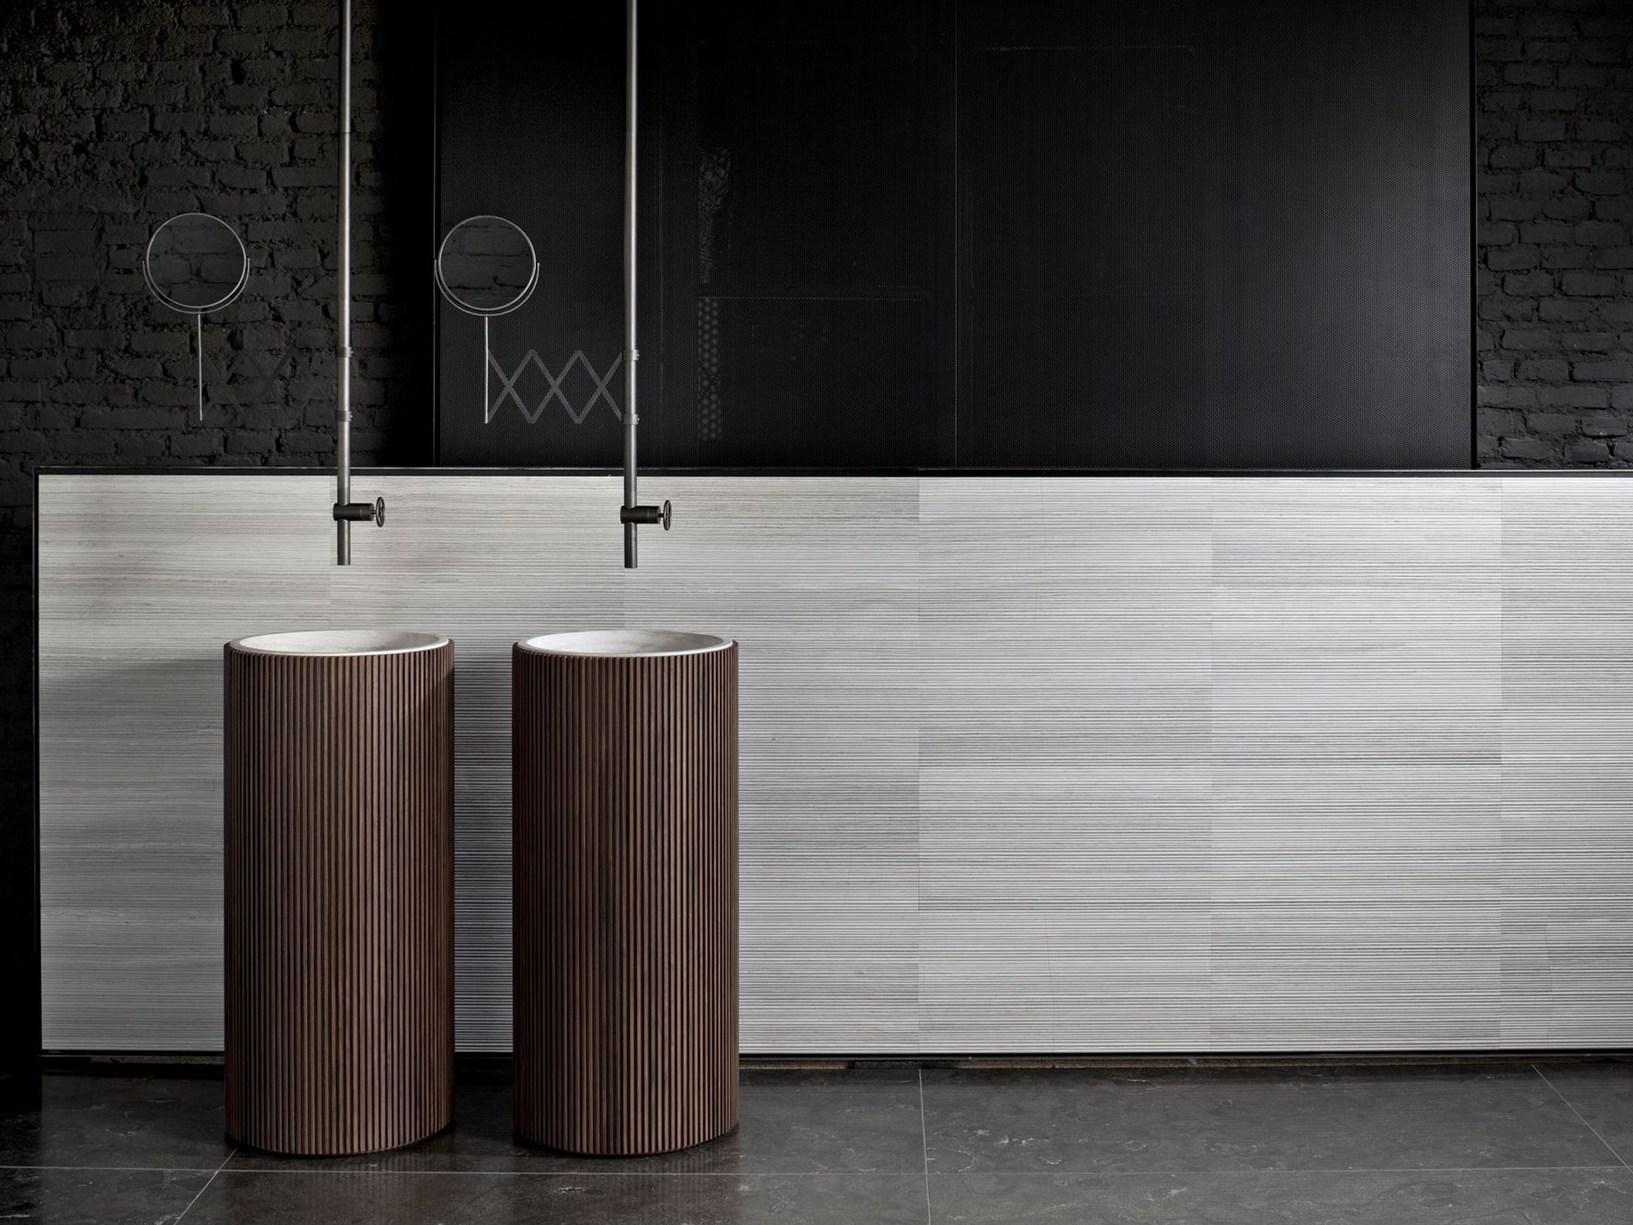 Salvatori коллекция Adda для ванной комнаты в стиле 50-х и 60-х годов 20 века